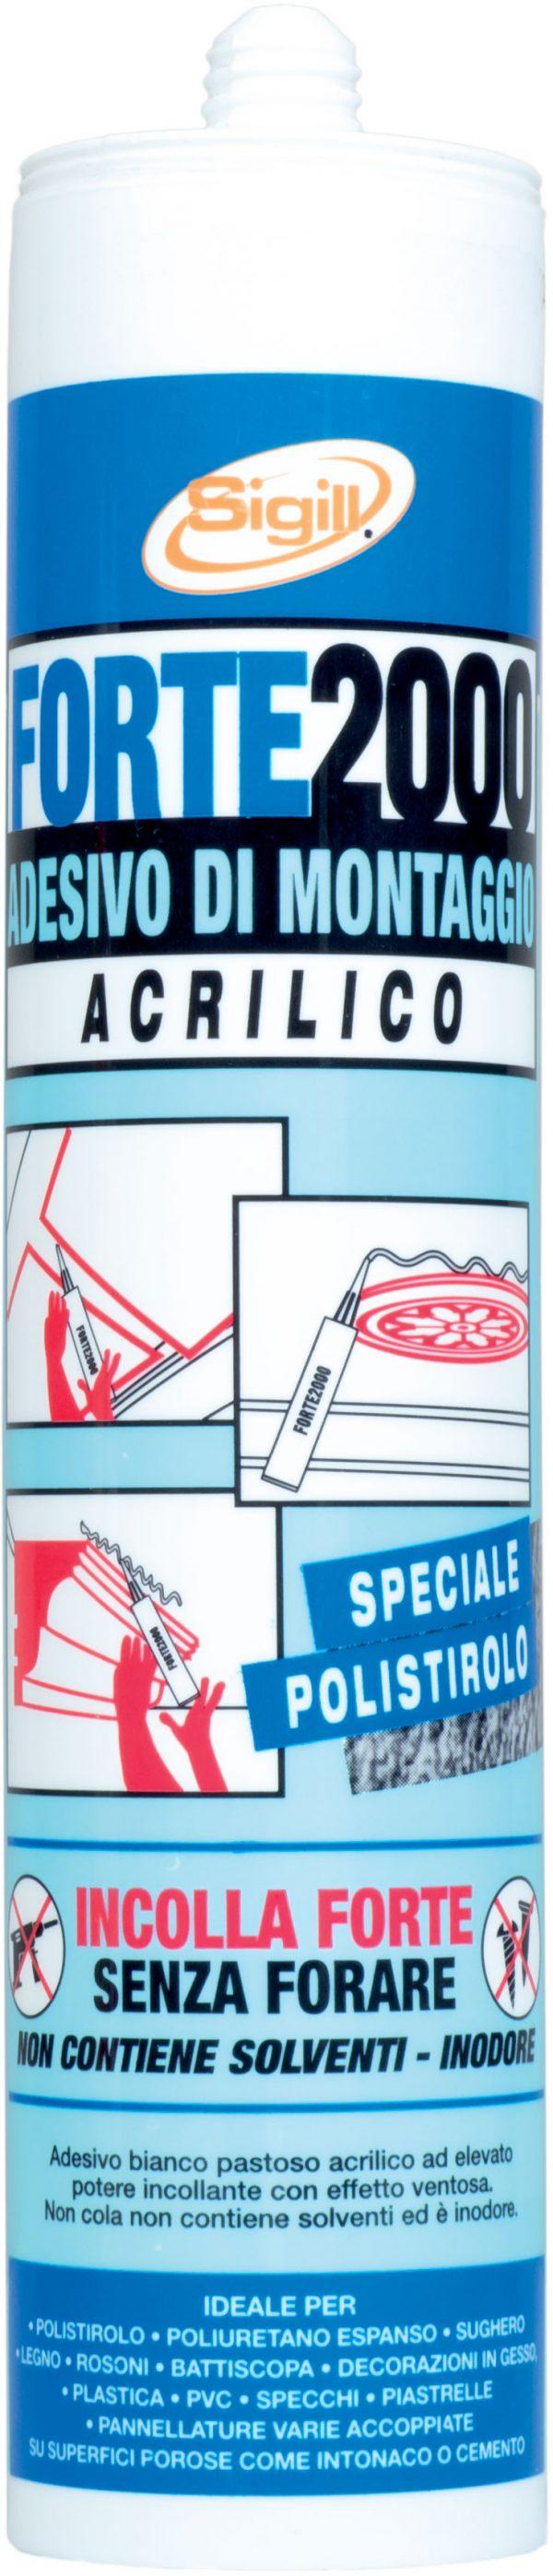 adesivo acrilico, colla acrilica